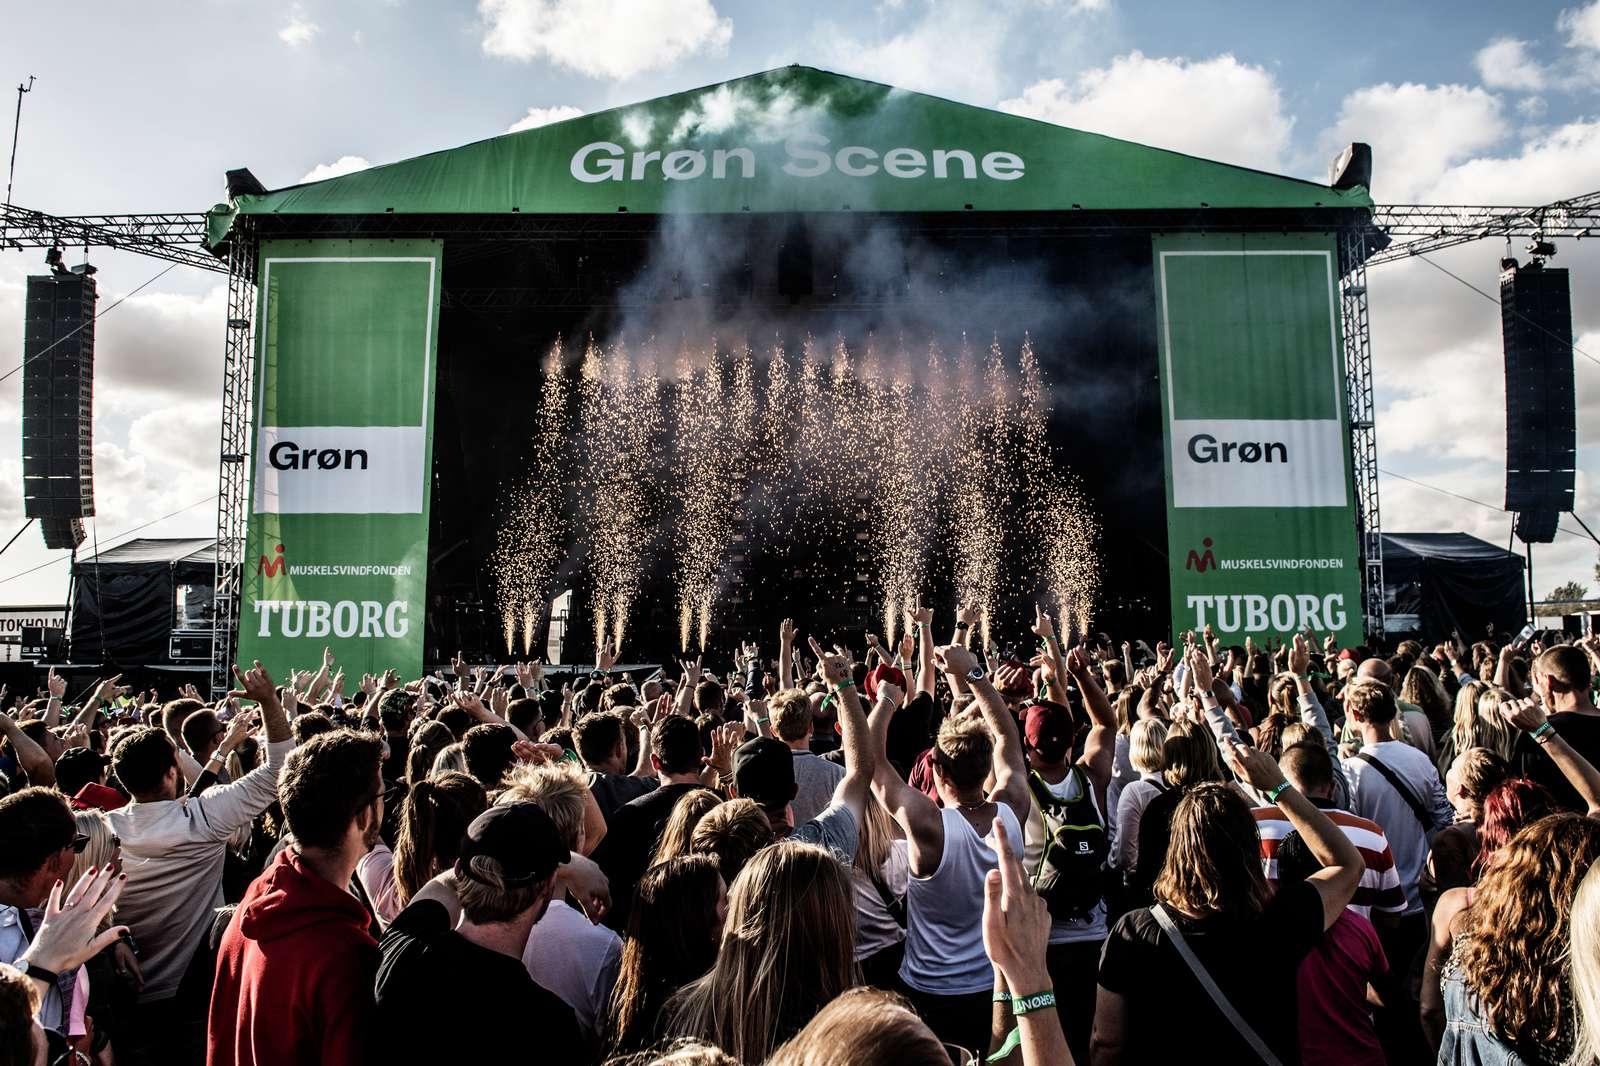 grøn koncert amager spilleplan